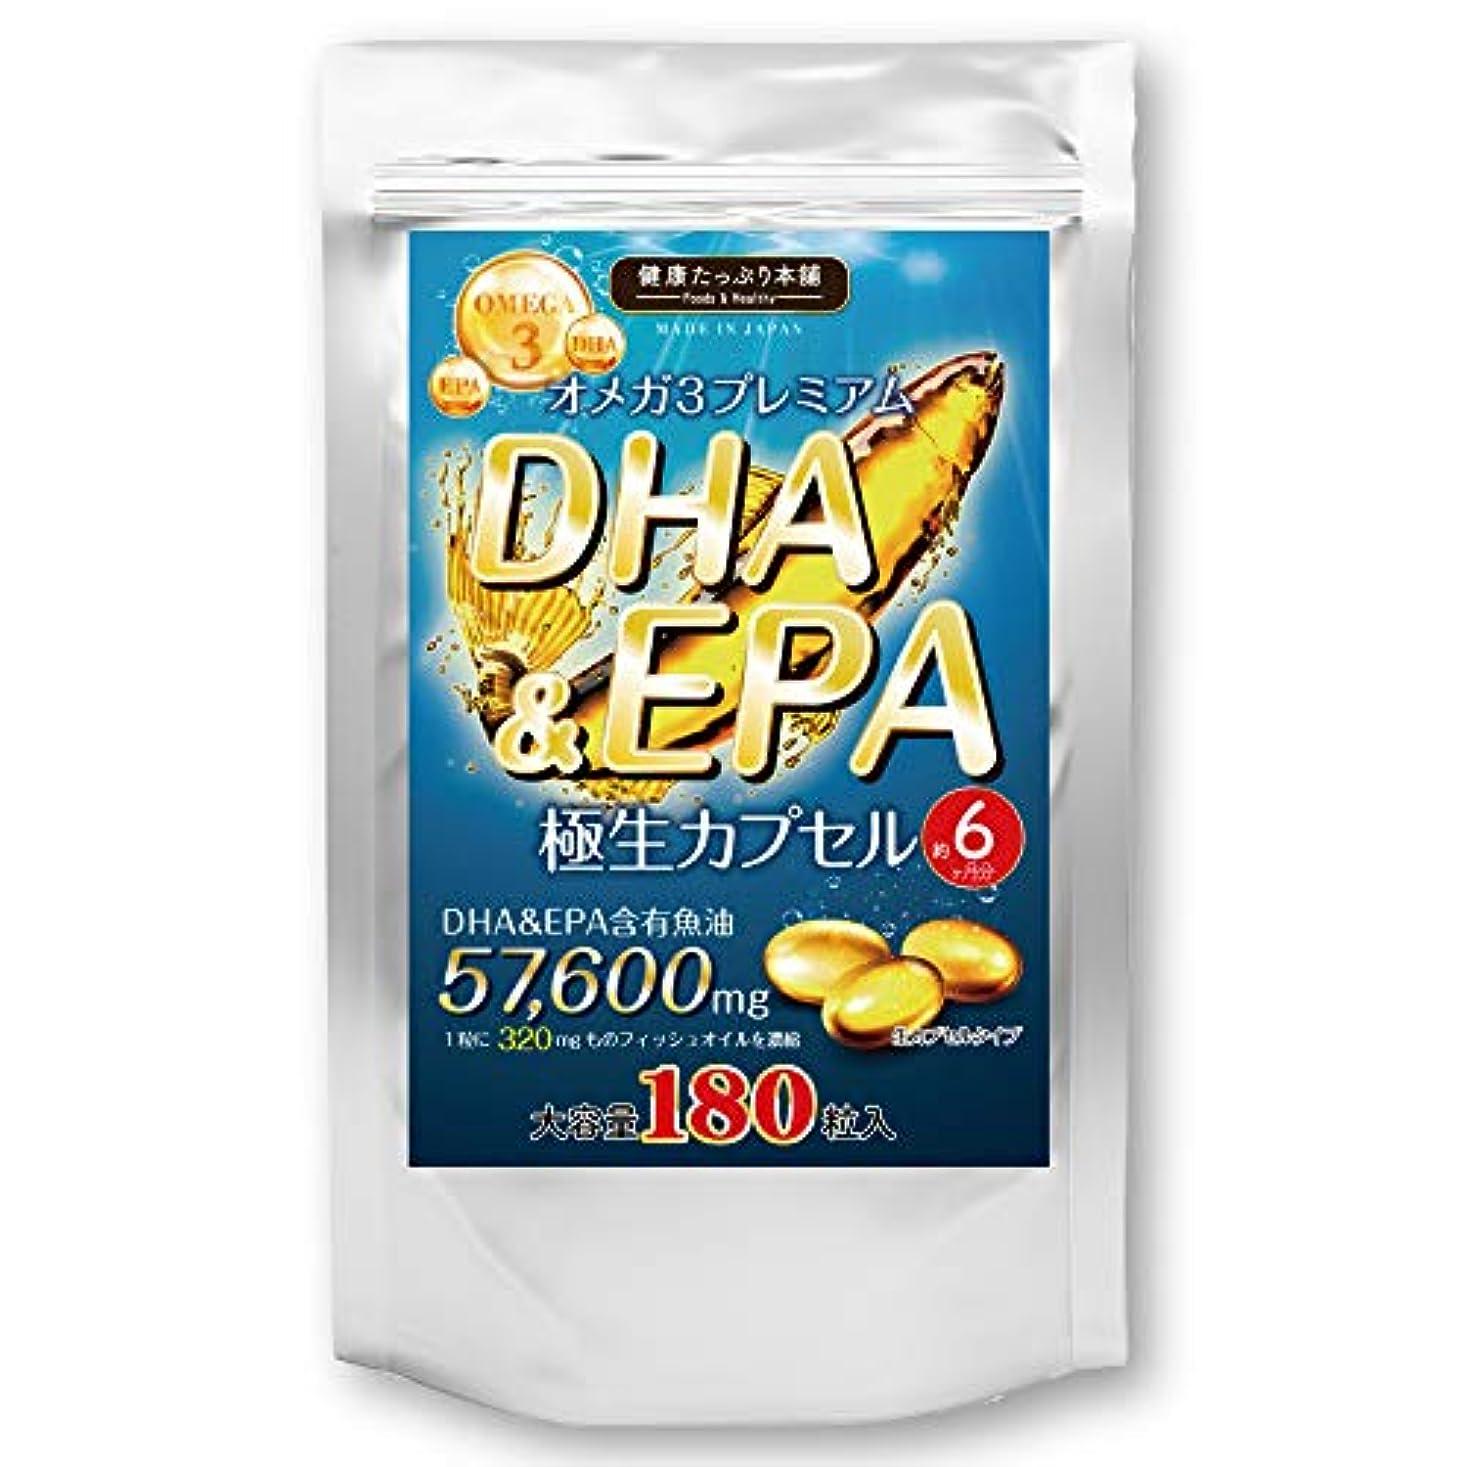 異形水分まだオメガ3プレミアム DHA&EPA 極生ソフトカプセル 大容量約6ヶ月分/180粒(DHA含有魚油?EPA含有魚油)